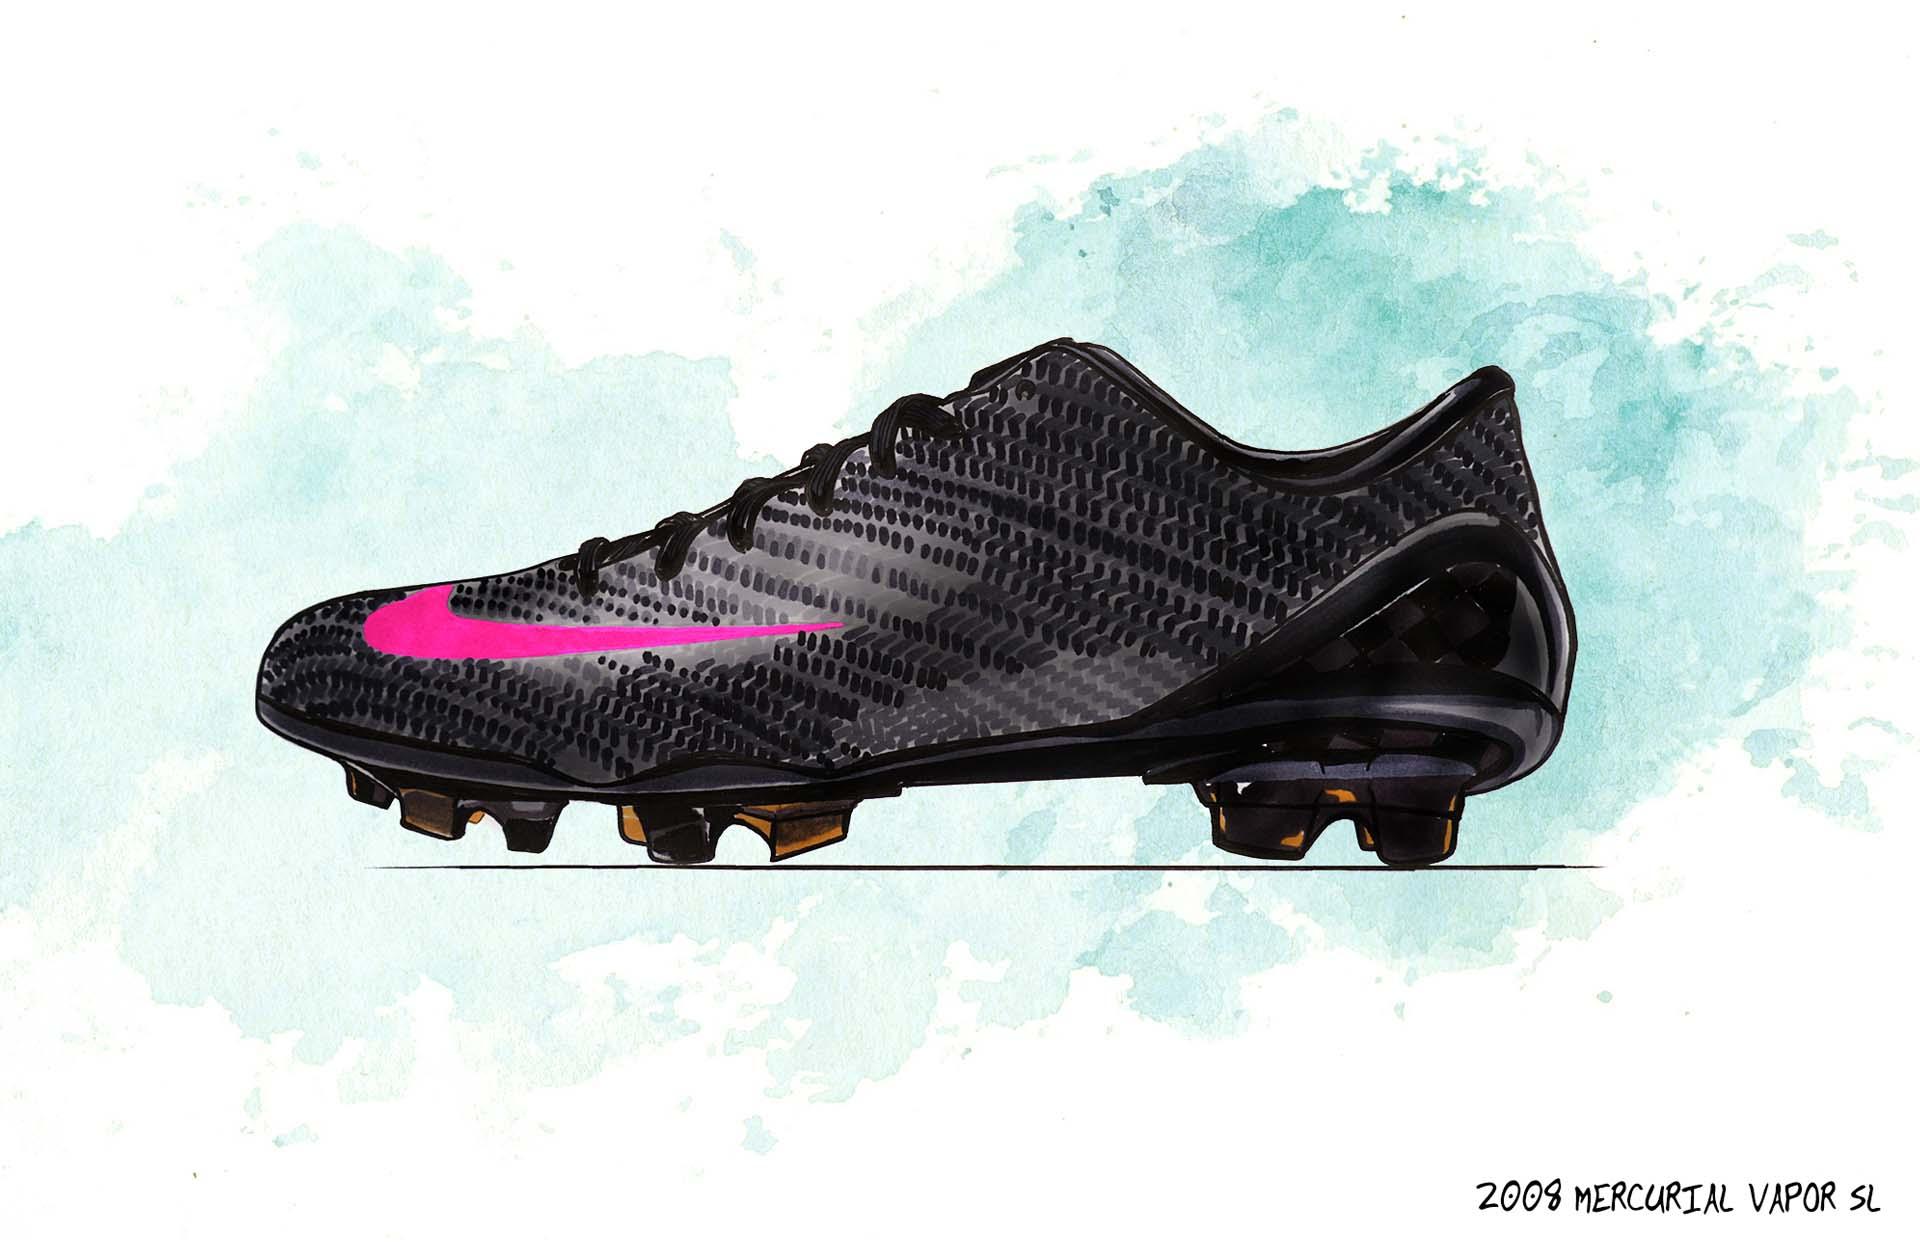 Thiết kế được làm bằng sợi carbon 100% của giày đá bóng Nike Mercurial SL